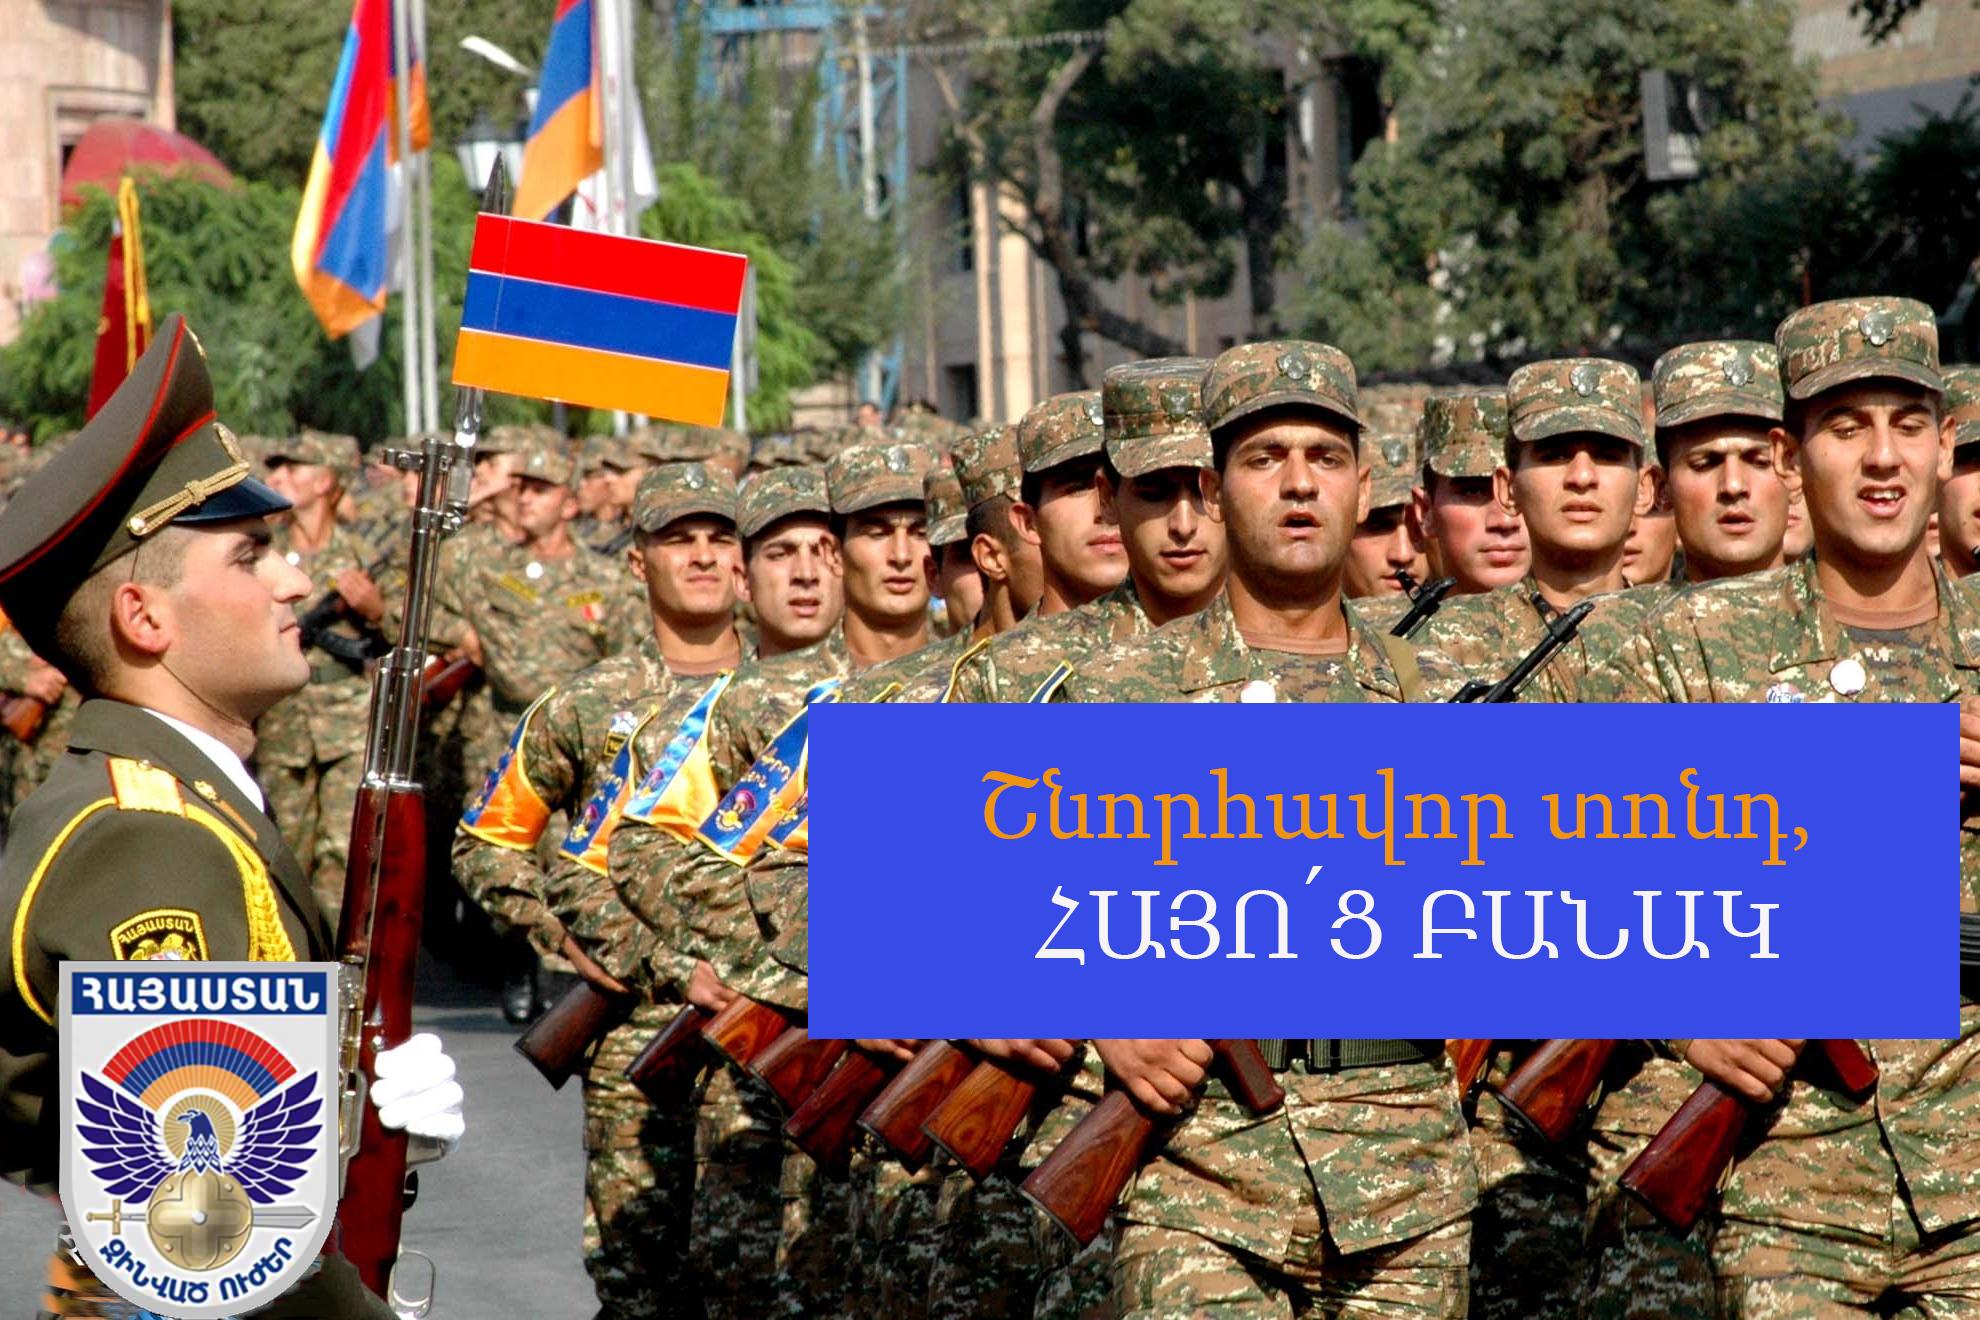 Շնորհակալություն հայ զինվոր